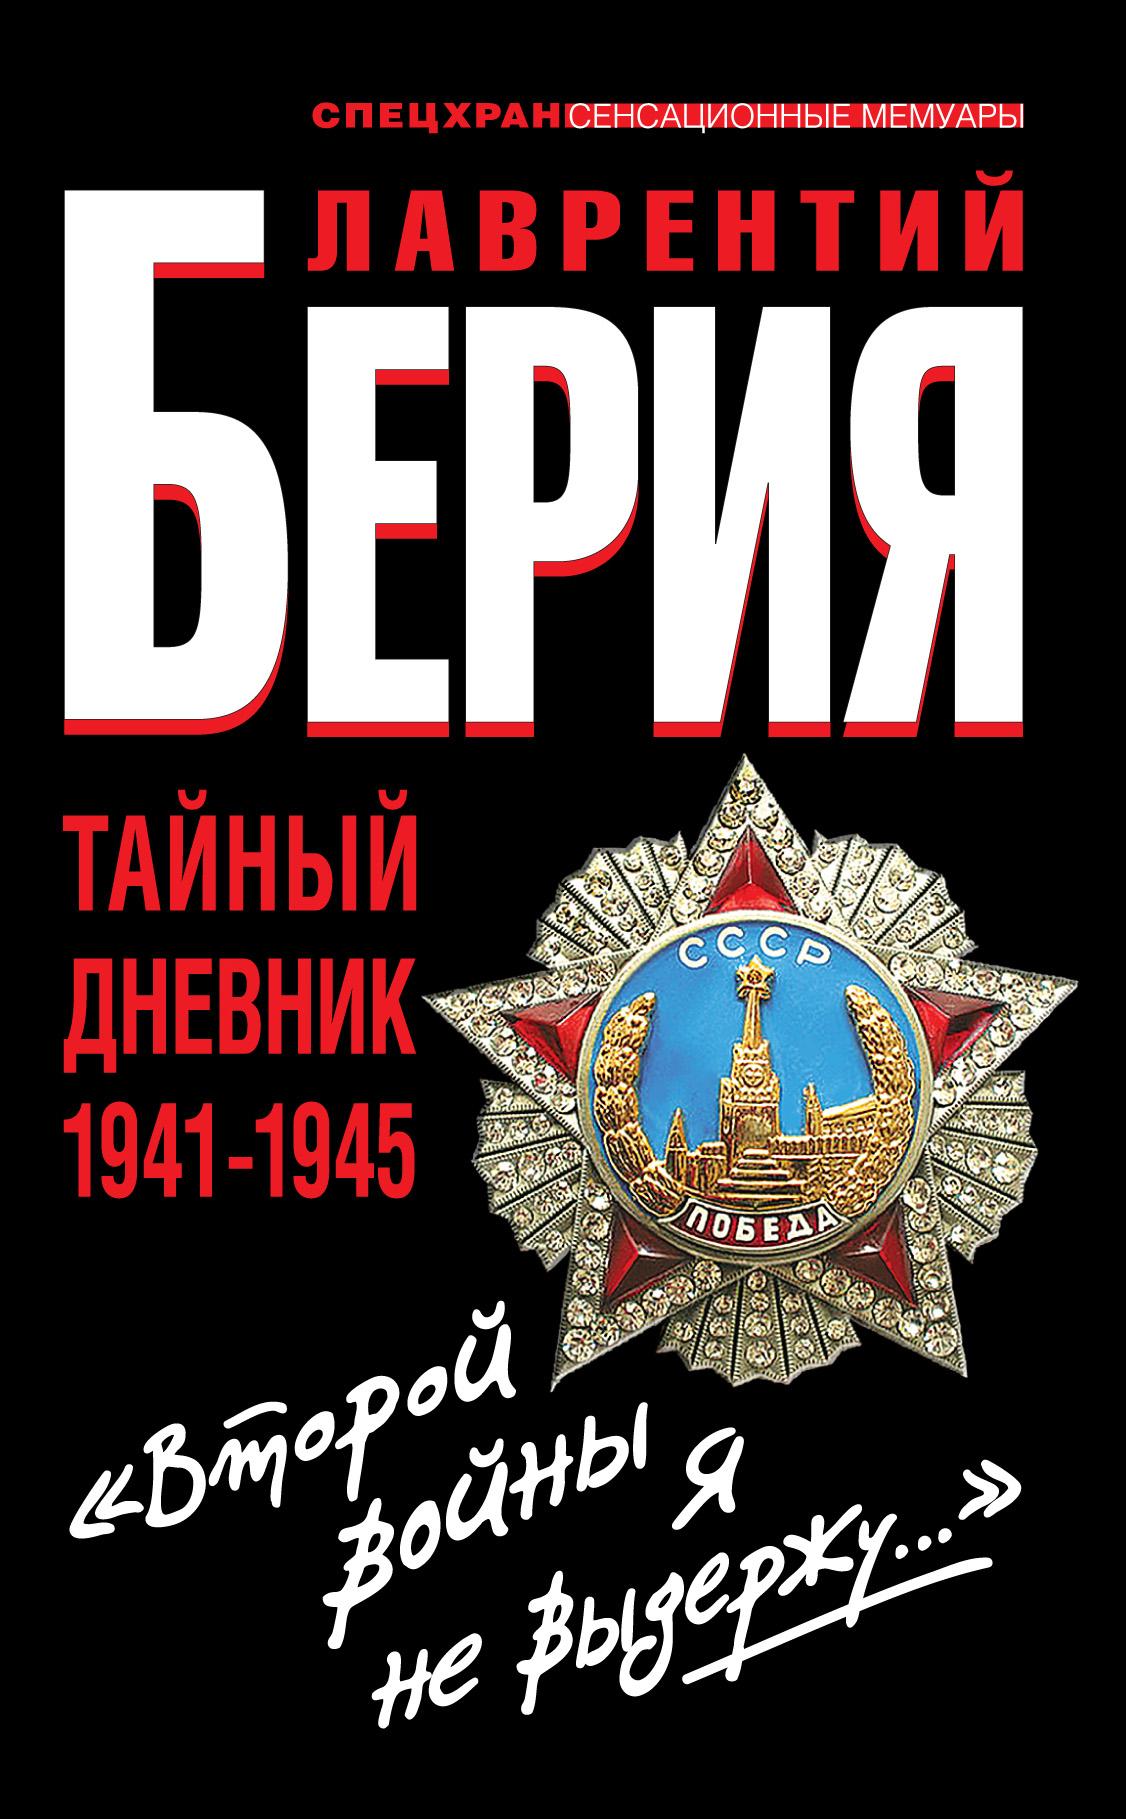 берия лаврентий павлович с атомной бомбой мы живем секретный дневник 1945 1953 гг Лаврентий Берия «Второй войны я не выдержу…» Тайный дневник 1941-1945